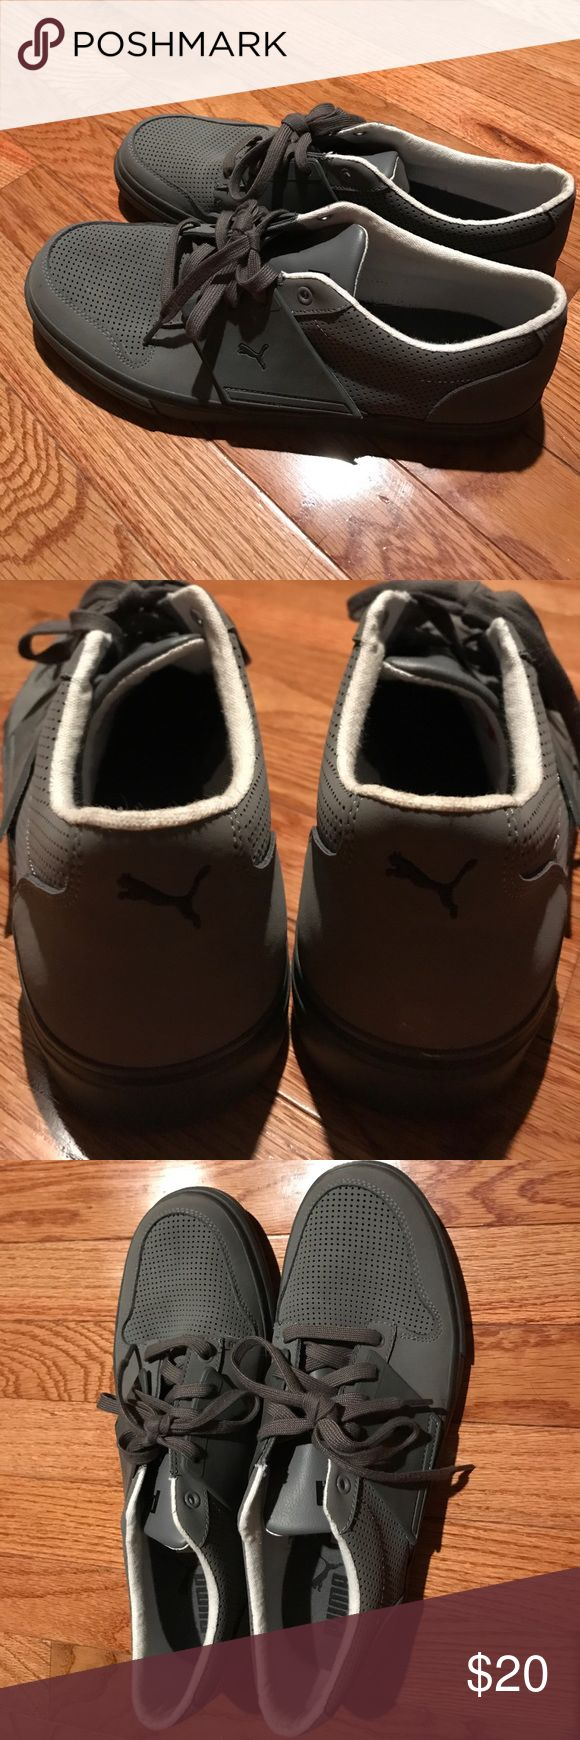 Brand New! Trending now--Men's Puma Sport Shoes! Brand New! Trending now--Men's Puma Sport Shoes! Grey Size 11.5 Puma Shoes Oxfords & Derbys